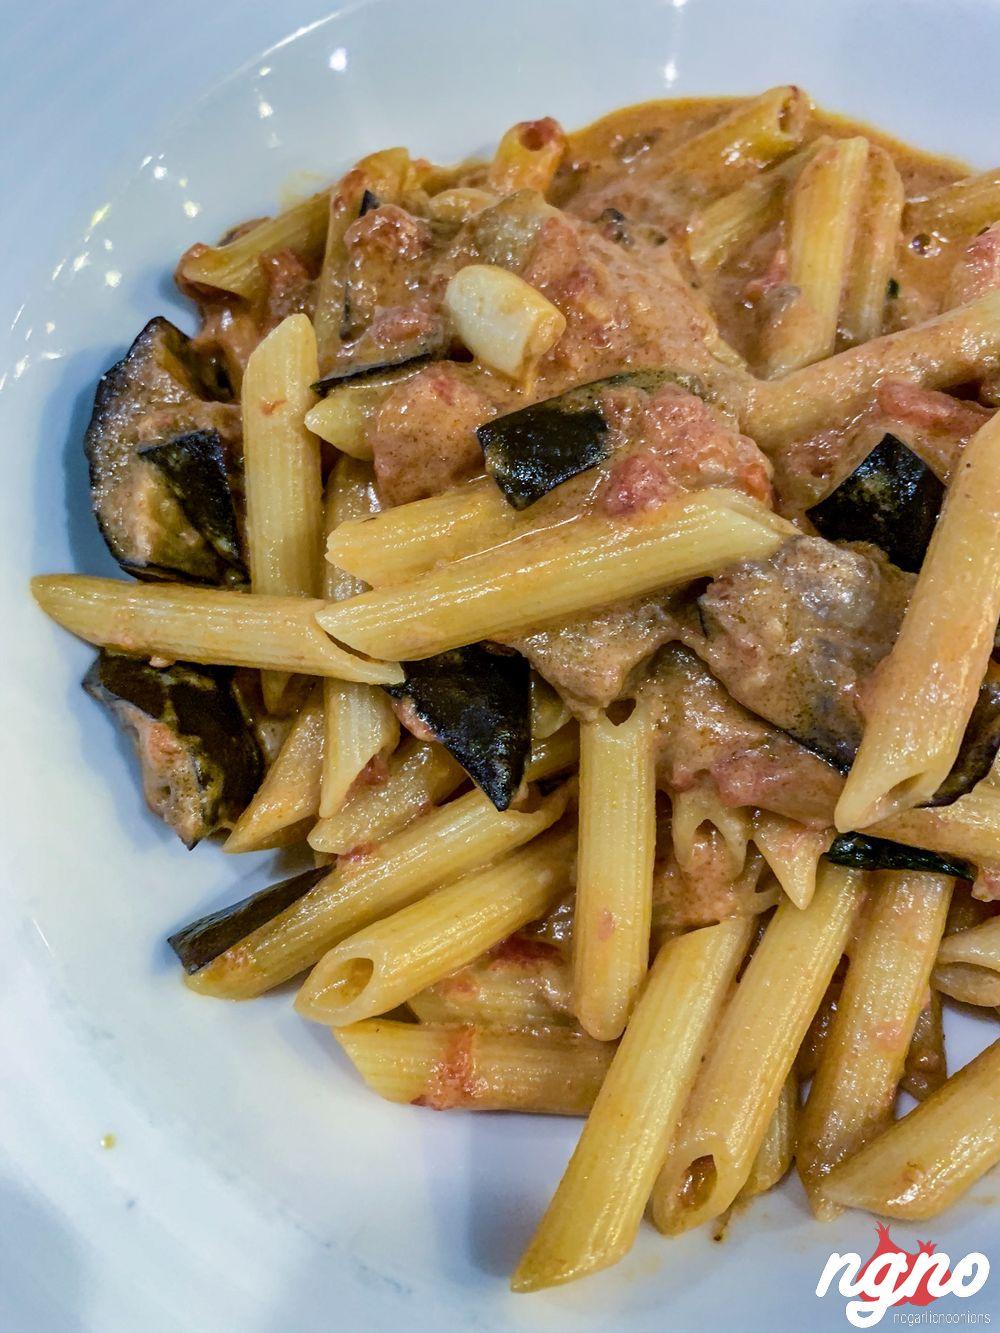 napoletano-restaurant-paris-nogarlicnoonions-202018-12-21-09-15-45